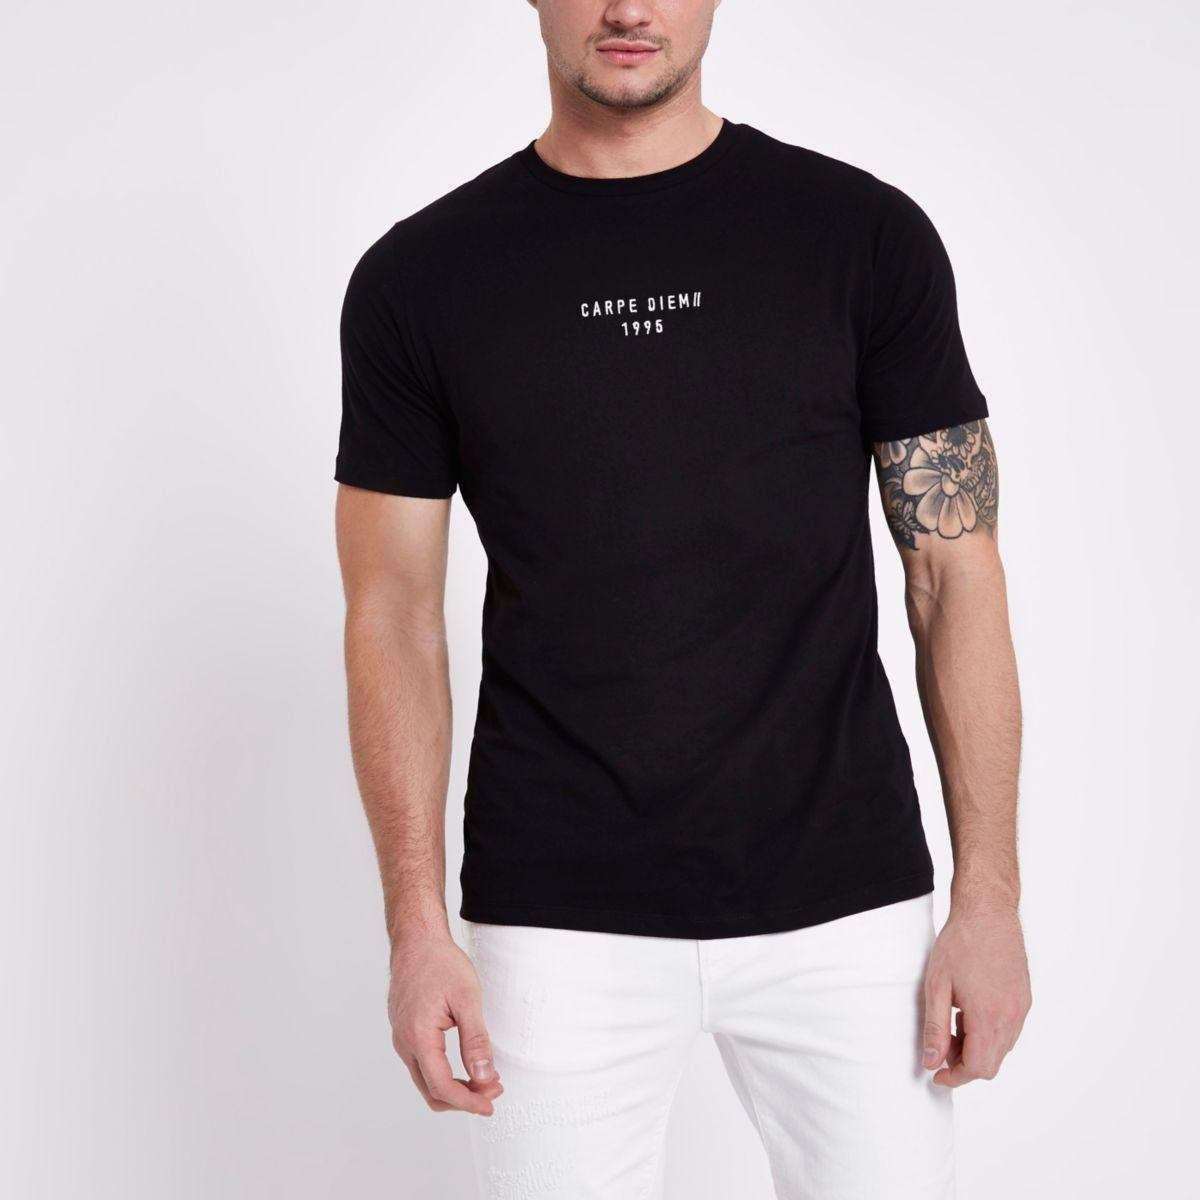 Black Carpe Diem' slim fit T-shirt